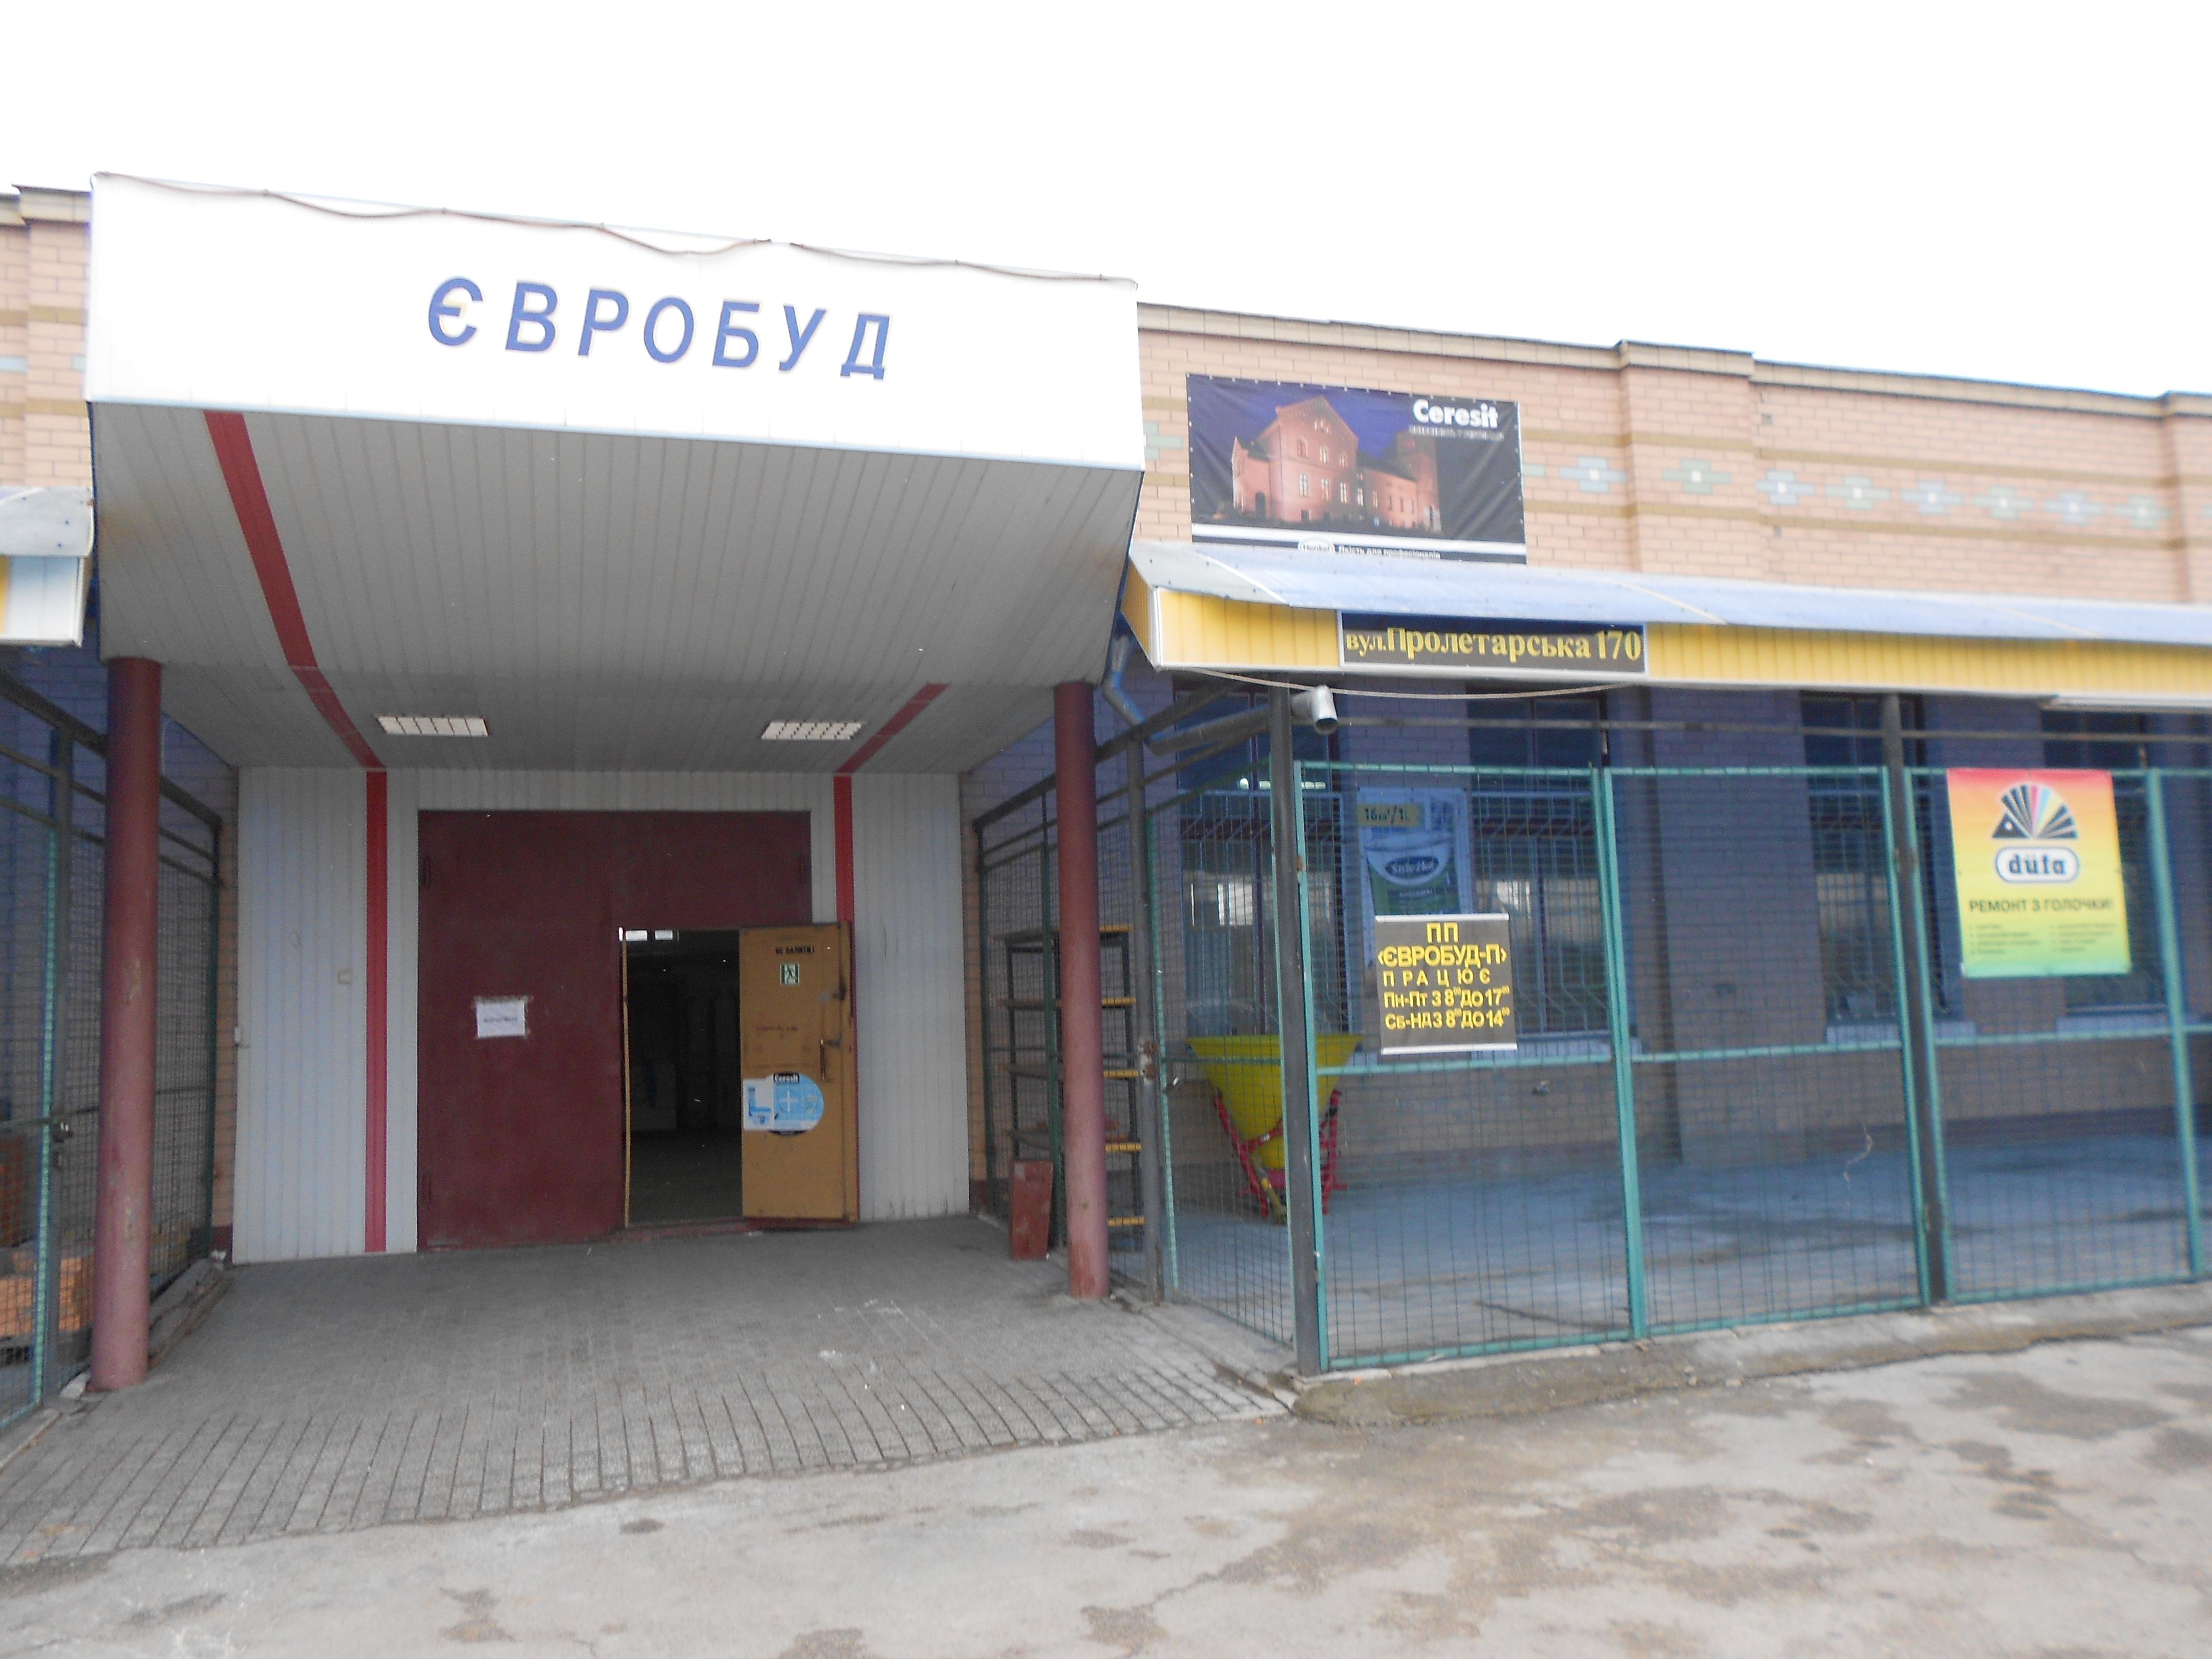 Євробуд - П, ПП